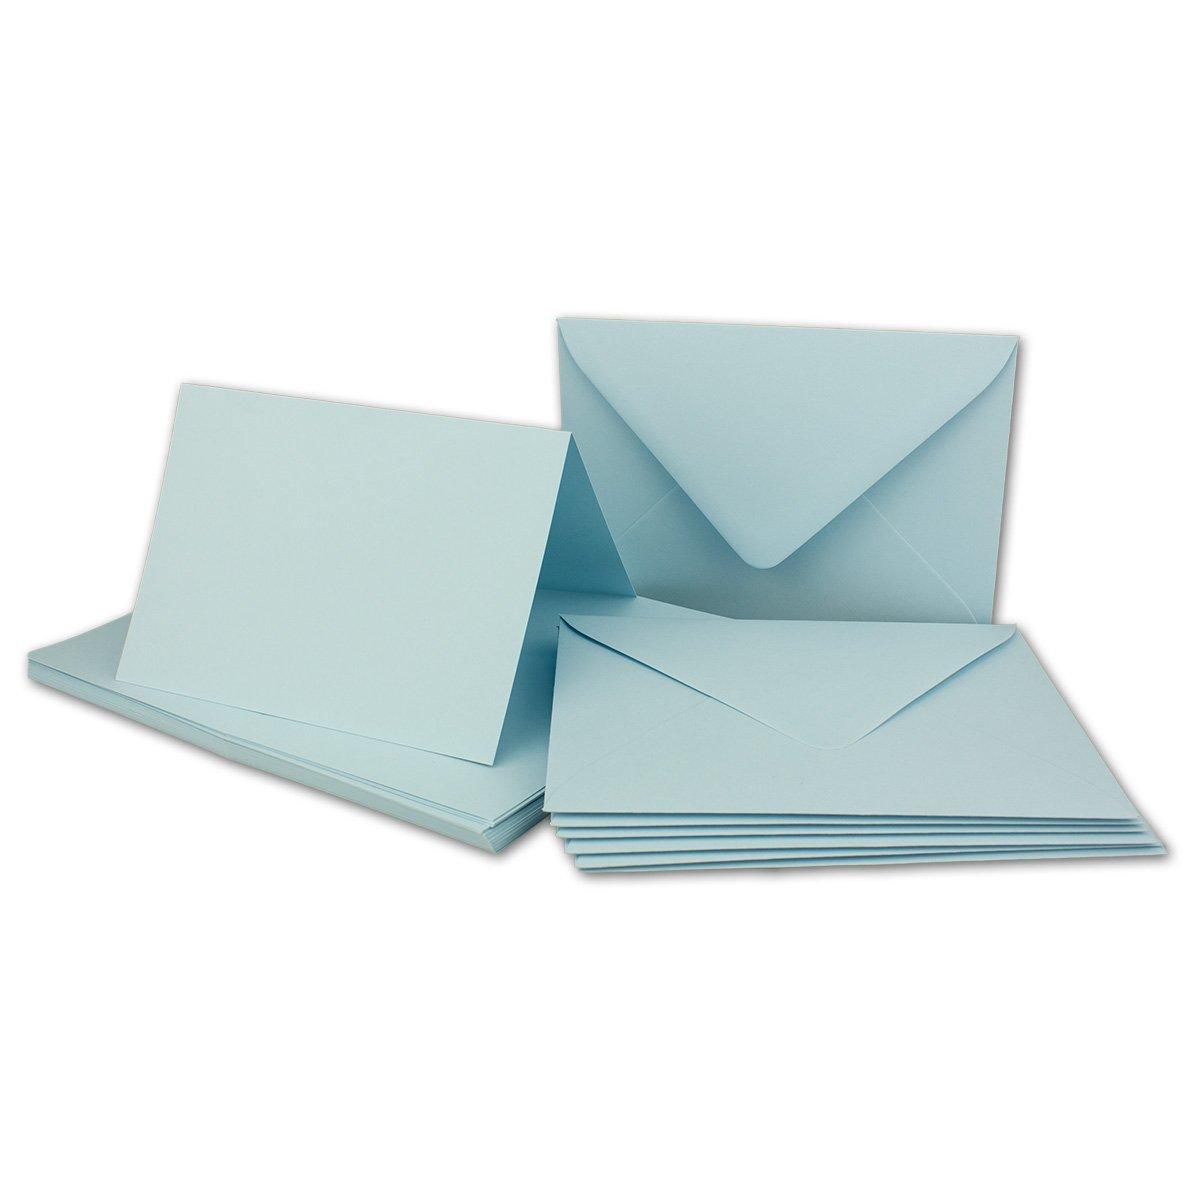 Faltkarten Set mit Brief-Umschlägen DIN A6     C6 in Rosanrot   100 Sets   14,8 x 10,5 cm   Premium Qualität   Serie FarbenFroh® B072563G5B | Sehr gelobt und vom Publikum der Verbraucher geschätzt  335ef3